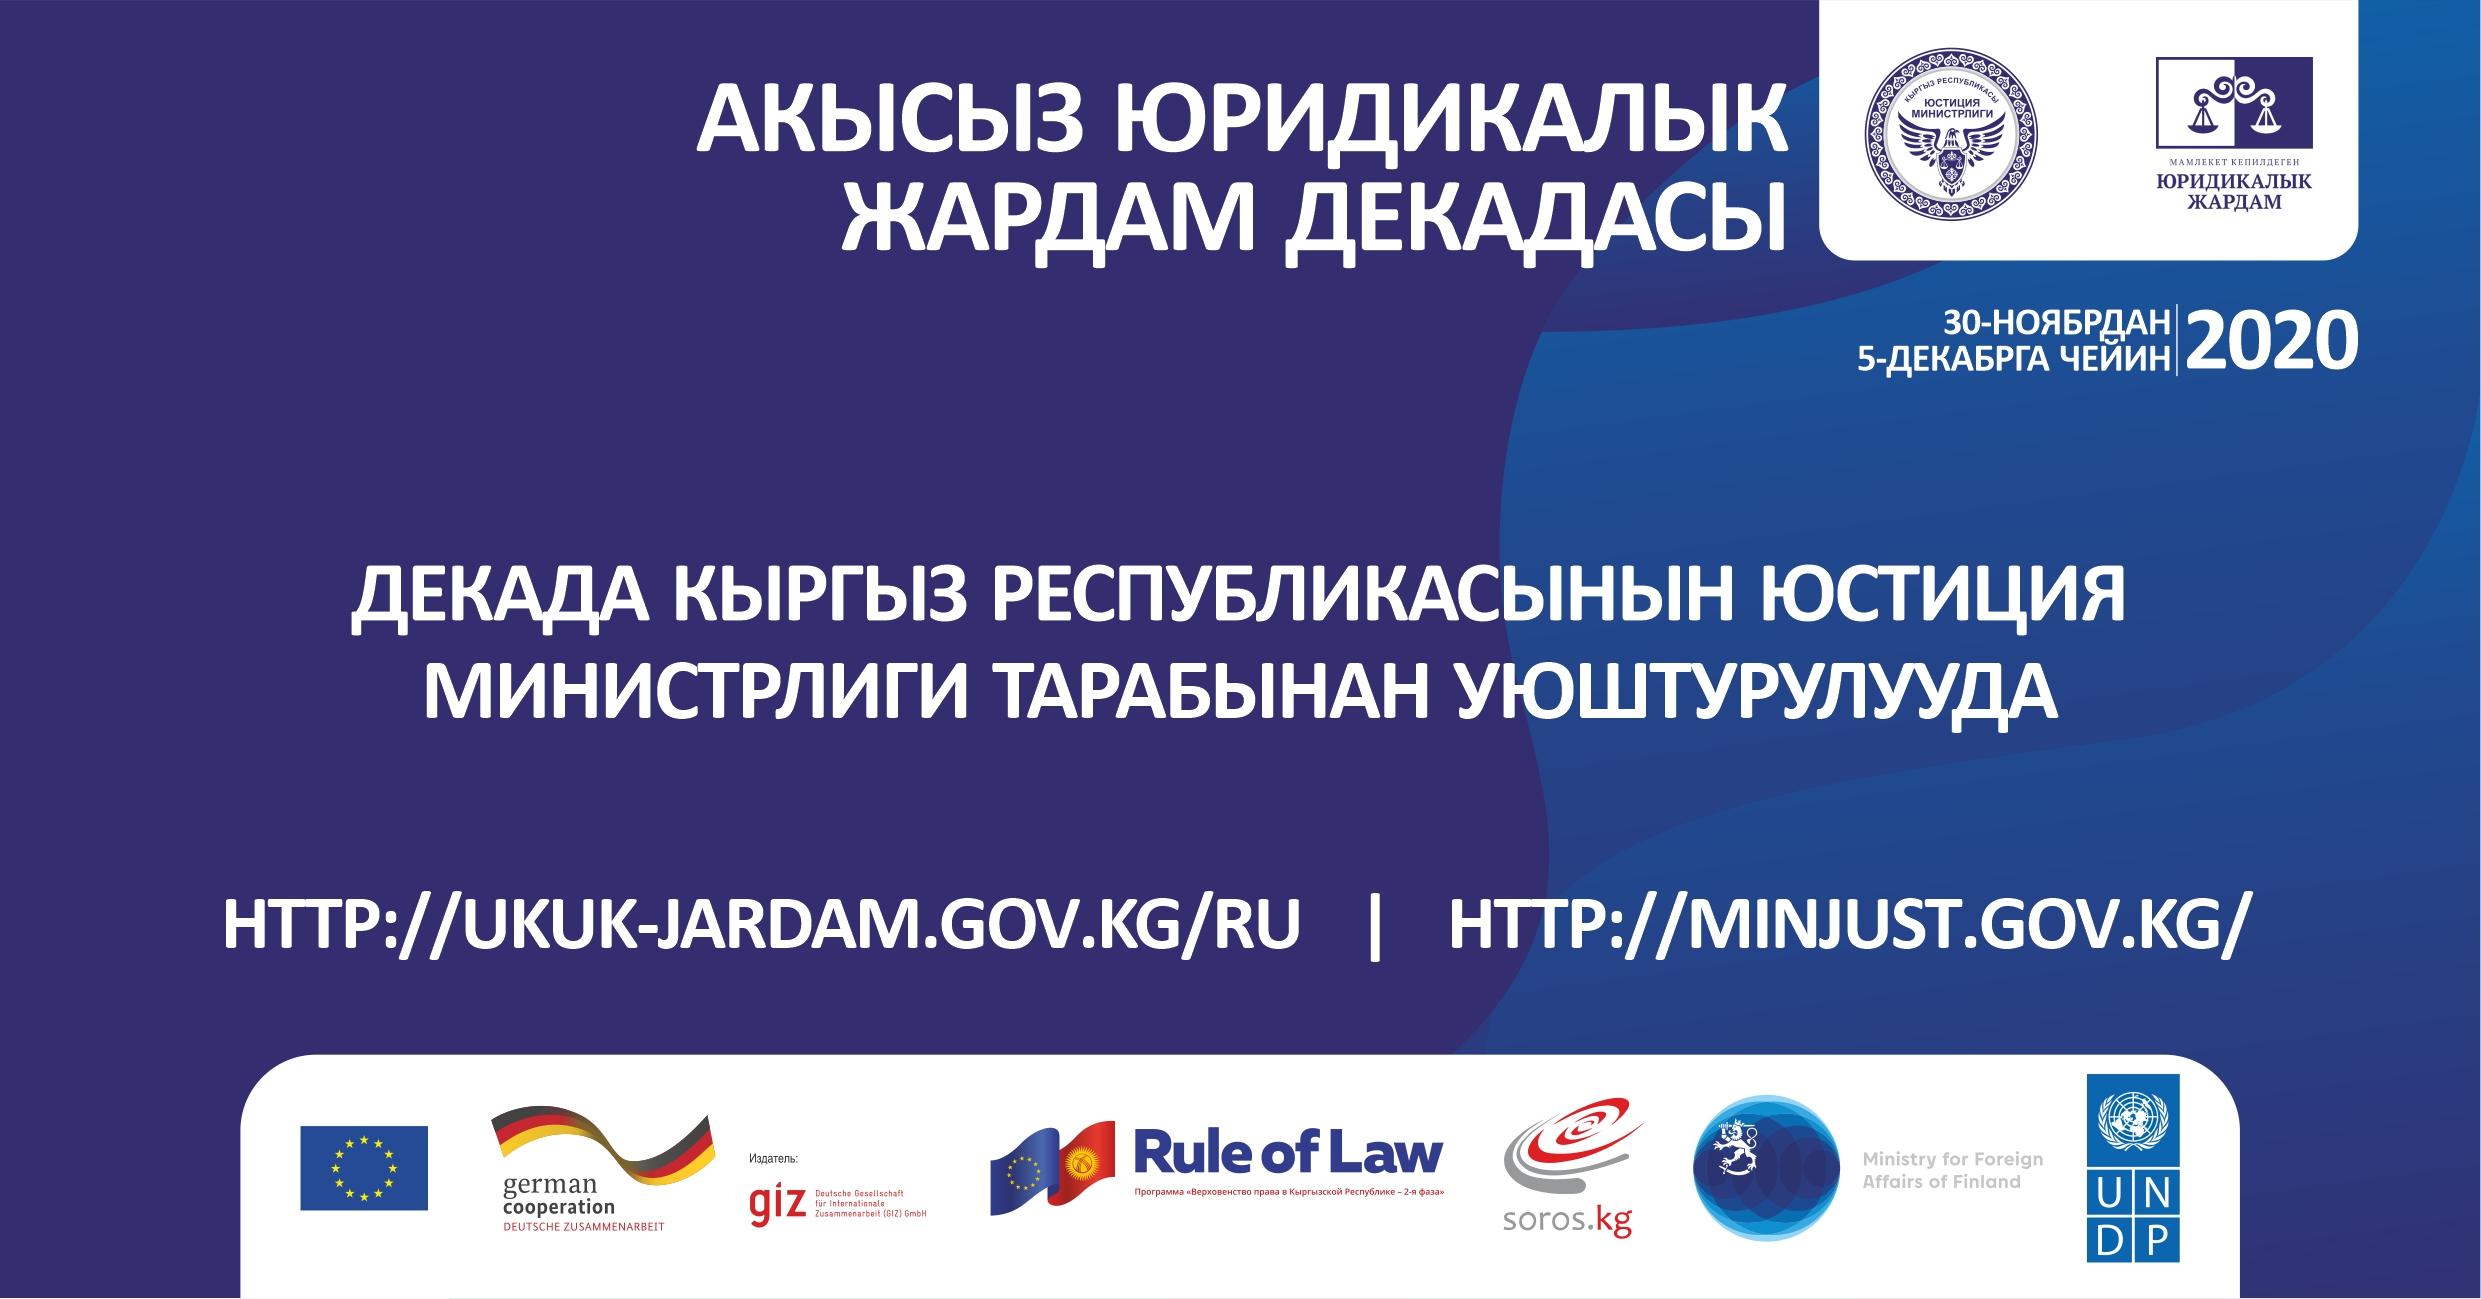 2020-жылдын 30-ноябрынан 5-декабрына чейин Кыргыз Республикасынын калкына акысыз укуктук кеңеш берүү Декадасы өткөрүлөт